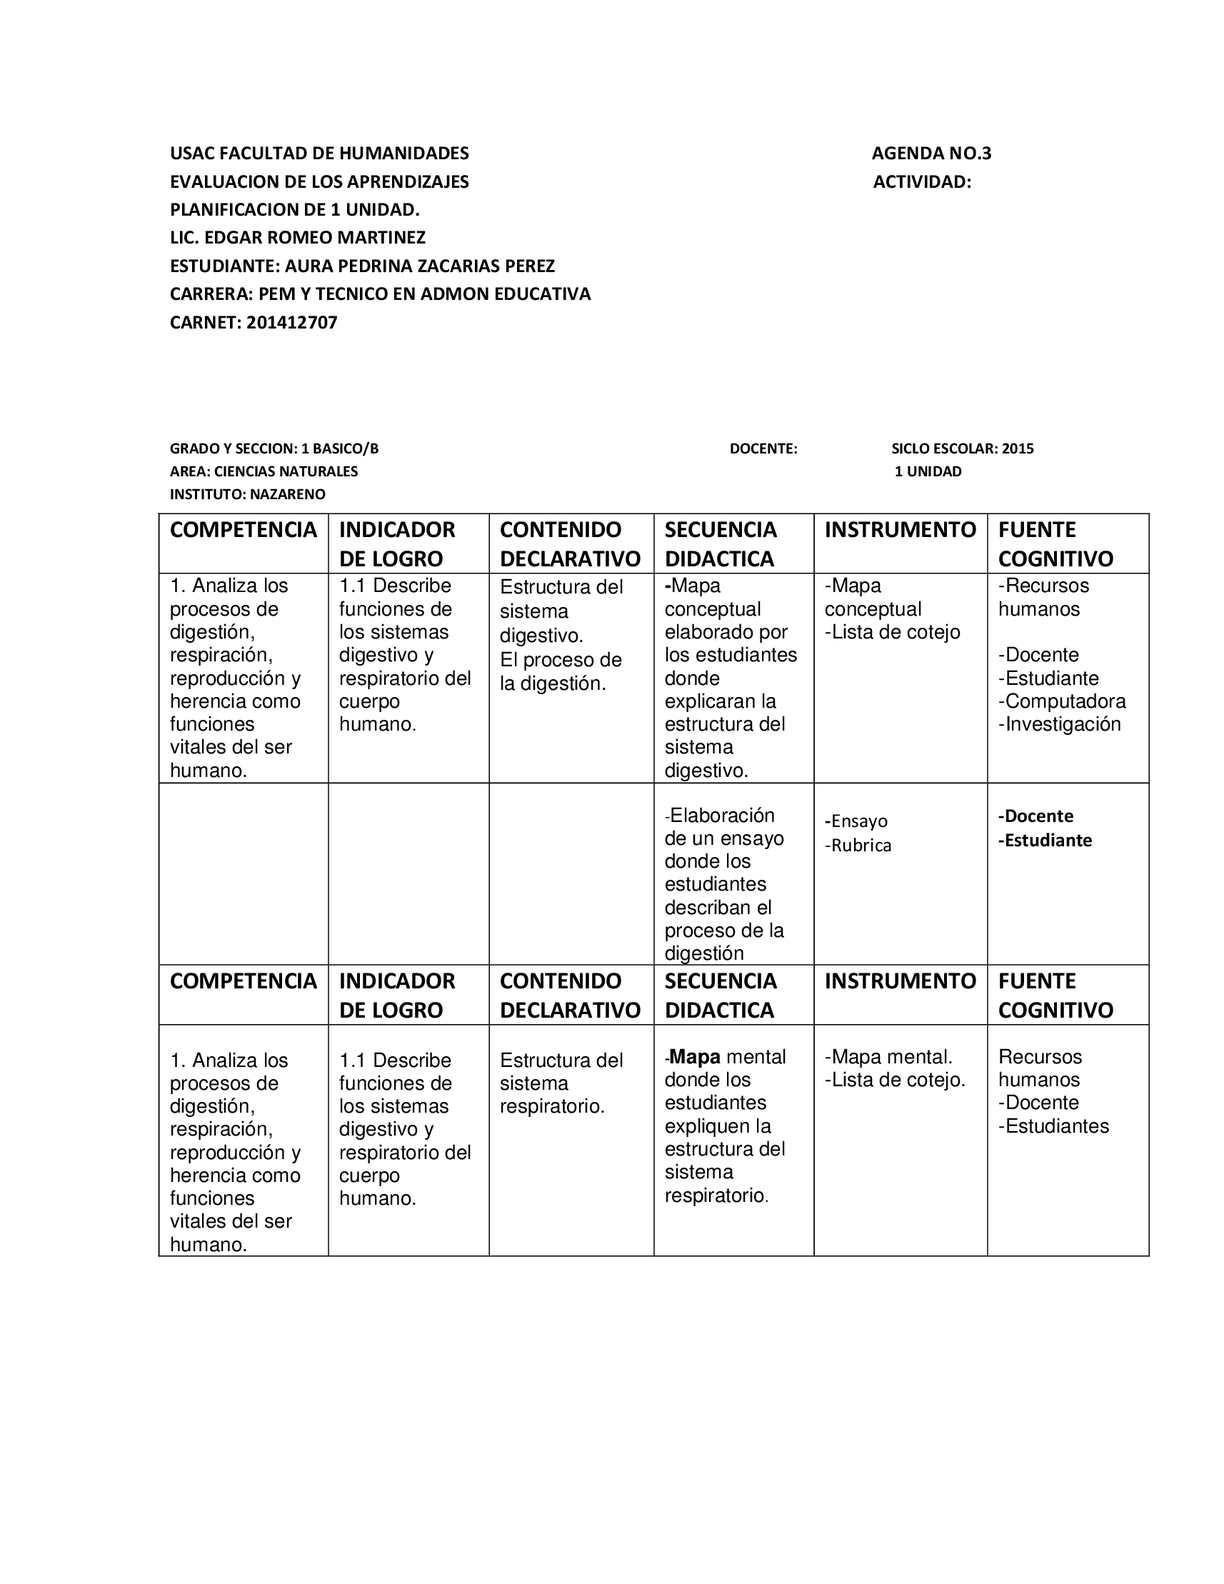 Calaméo - Planificacion De Una Unidad Ciencias Naturales Calameo ...